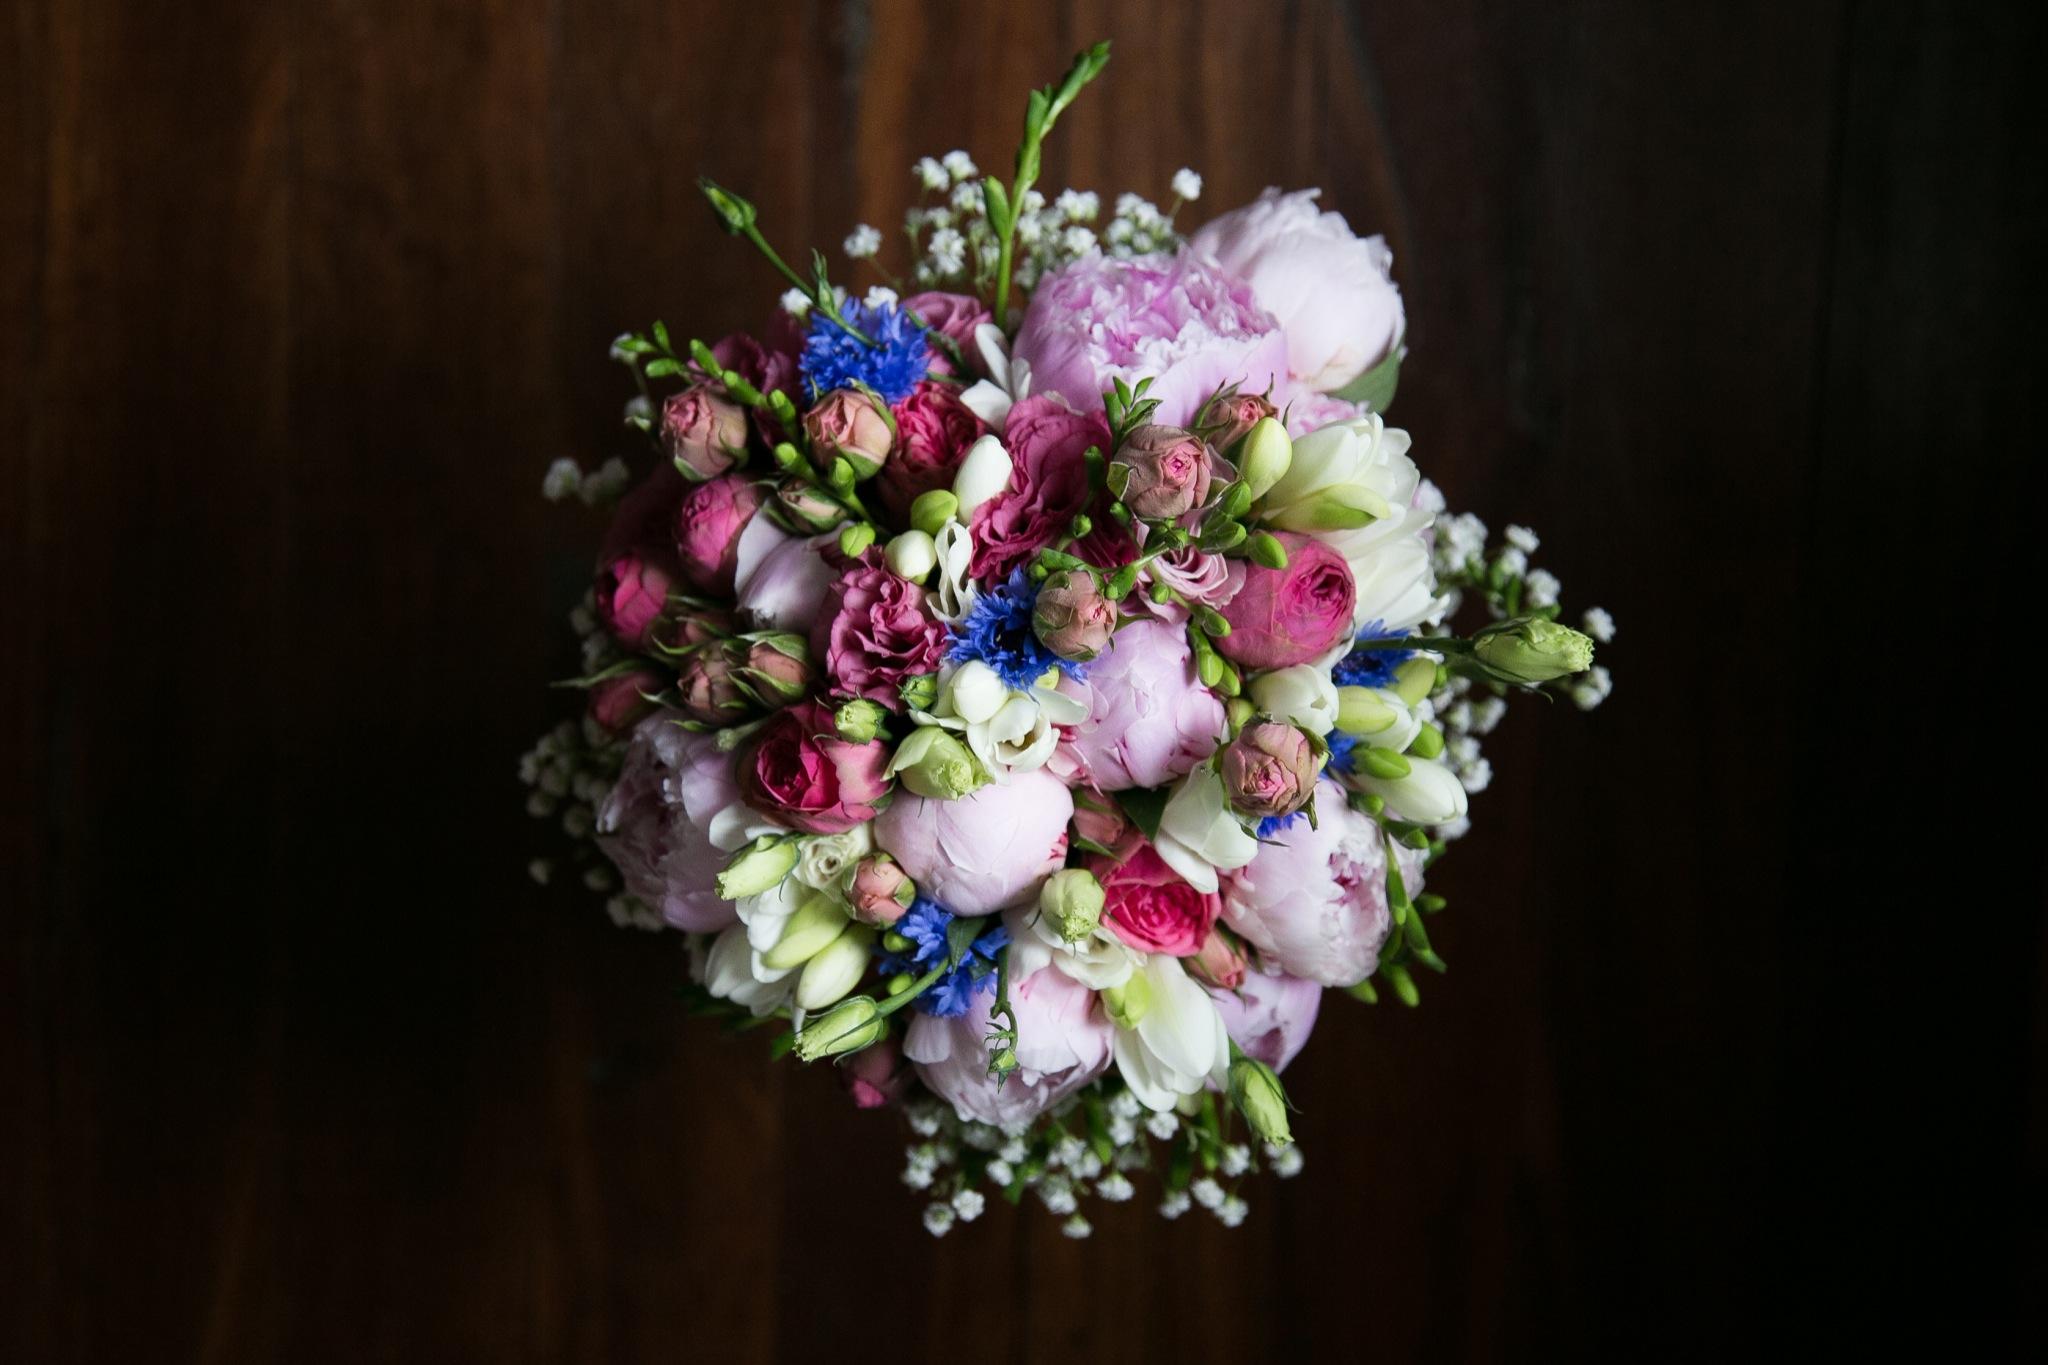 sarahs-flowers-1-2.jpg